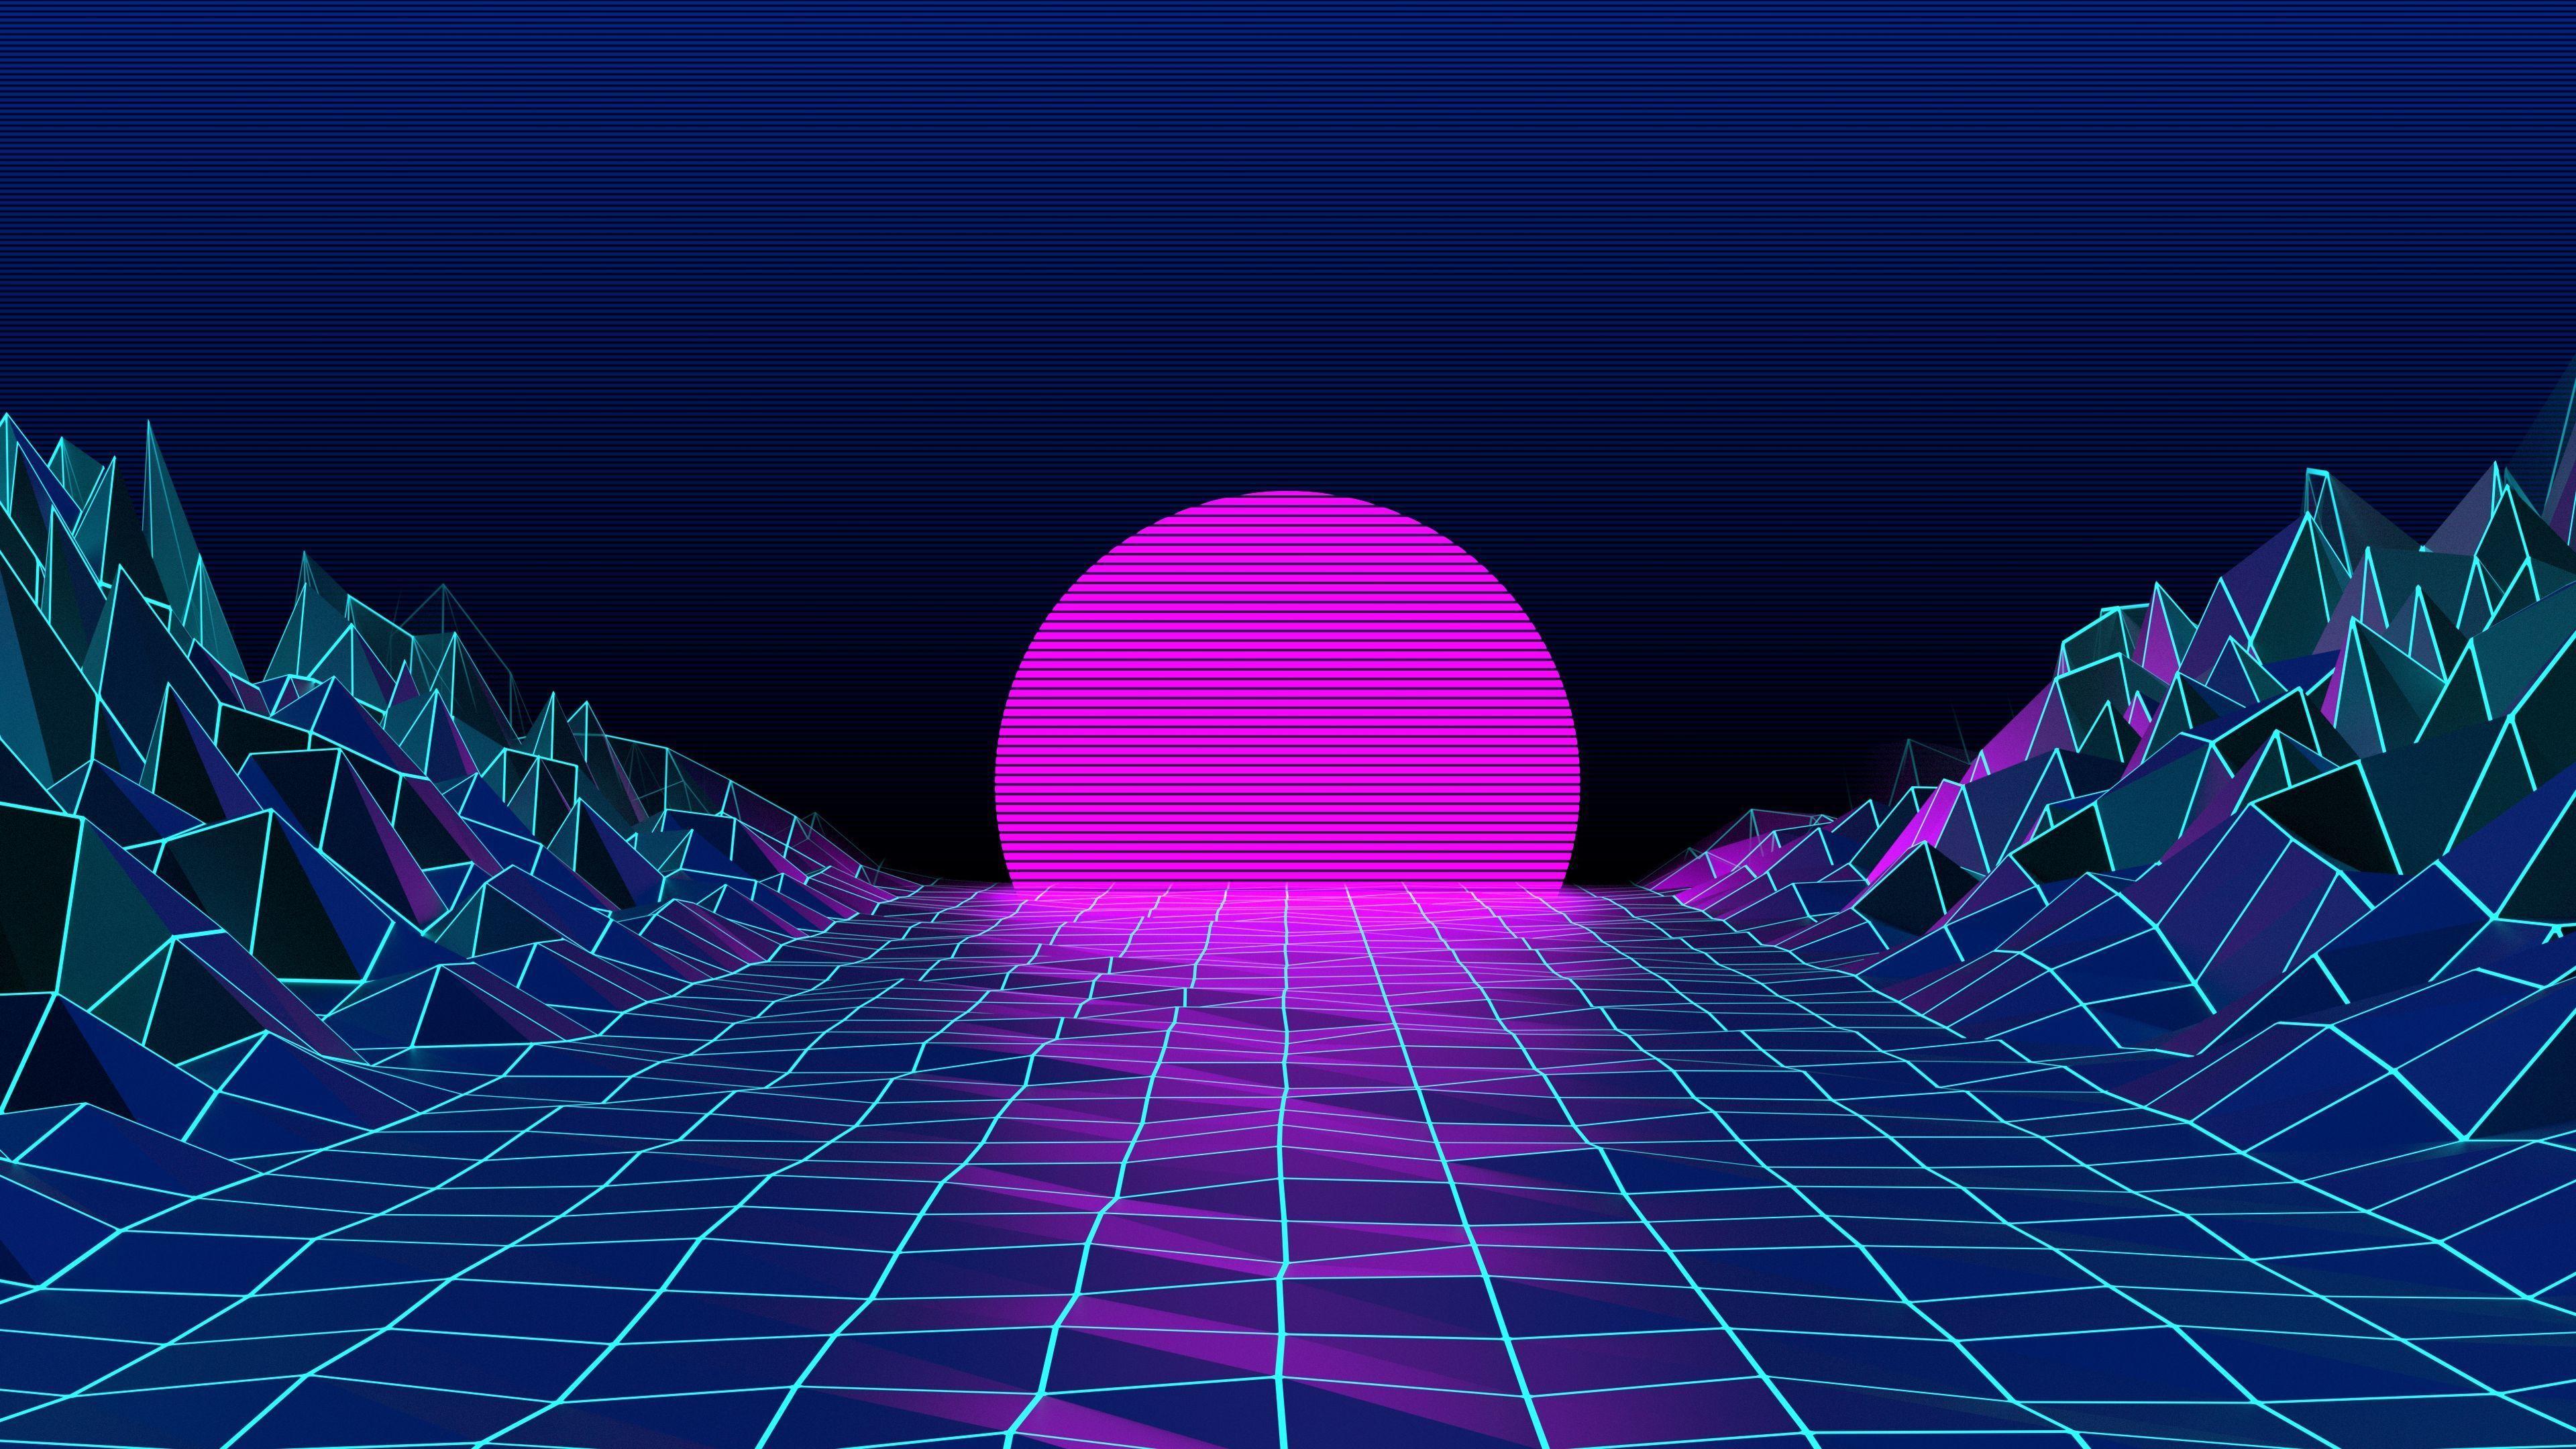 80s Desktop Wallpapers - Top Free 80s Desktop Backgrounds